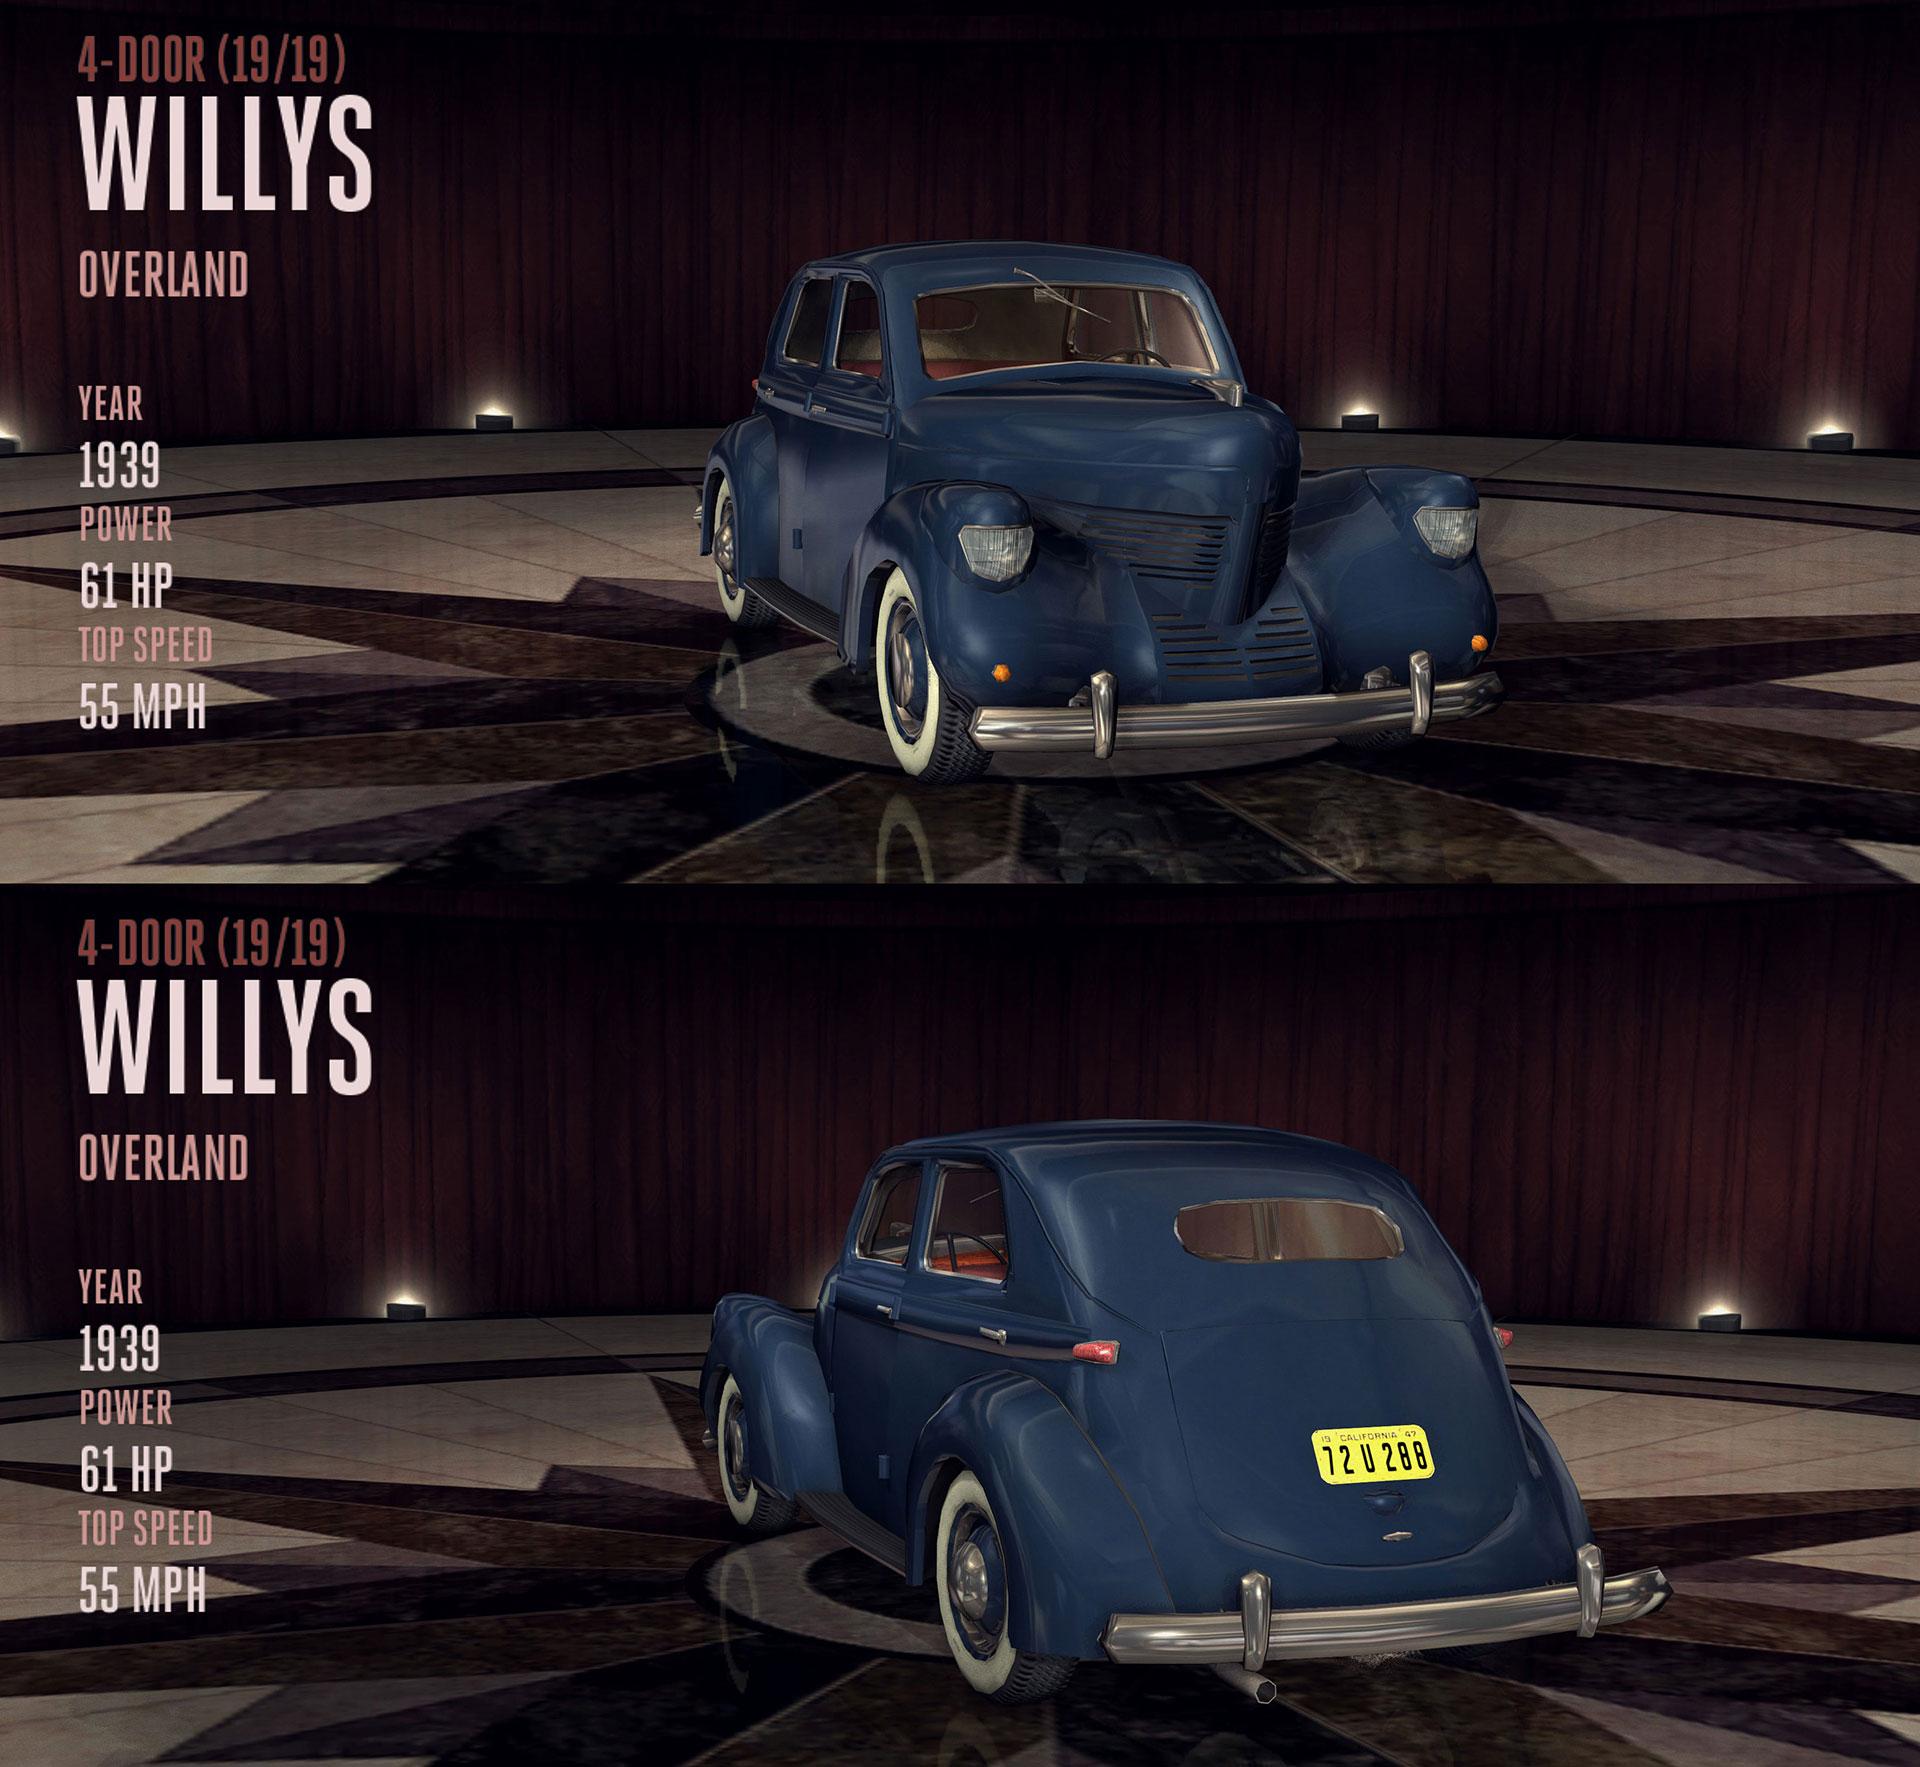 Archivo:1939-willys-overland.jpg